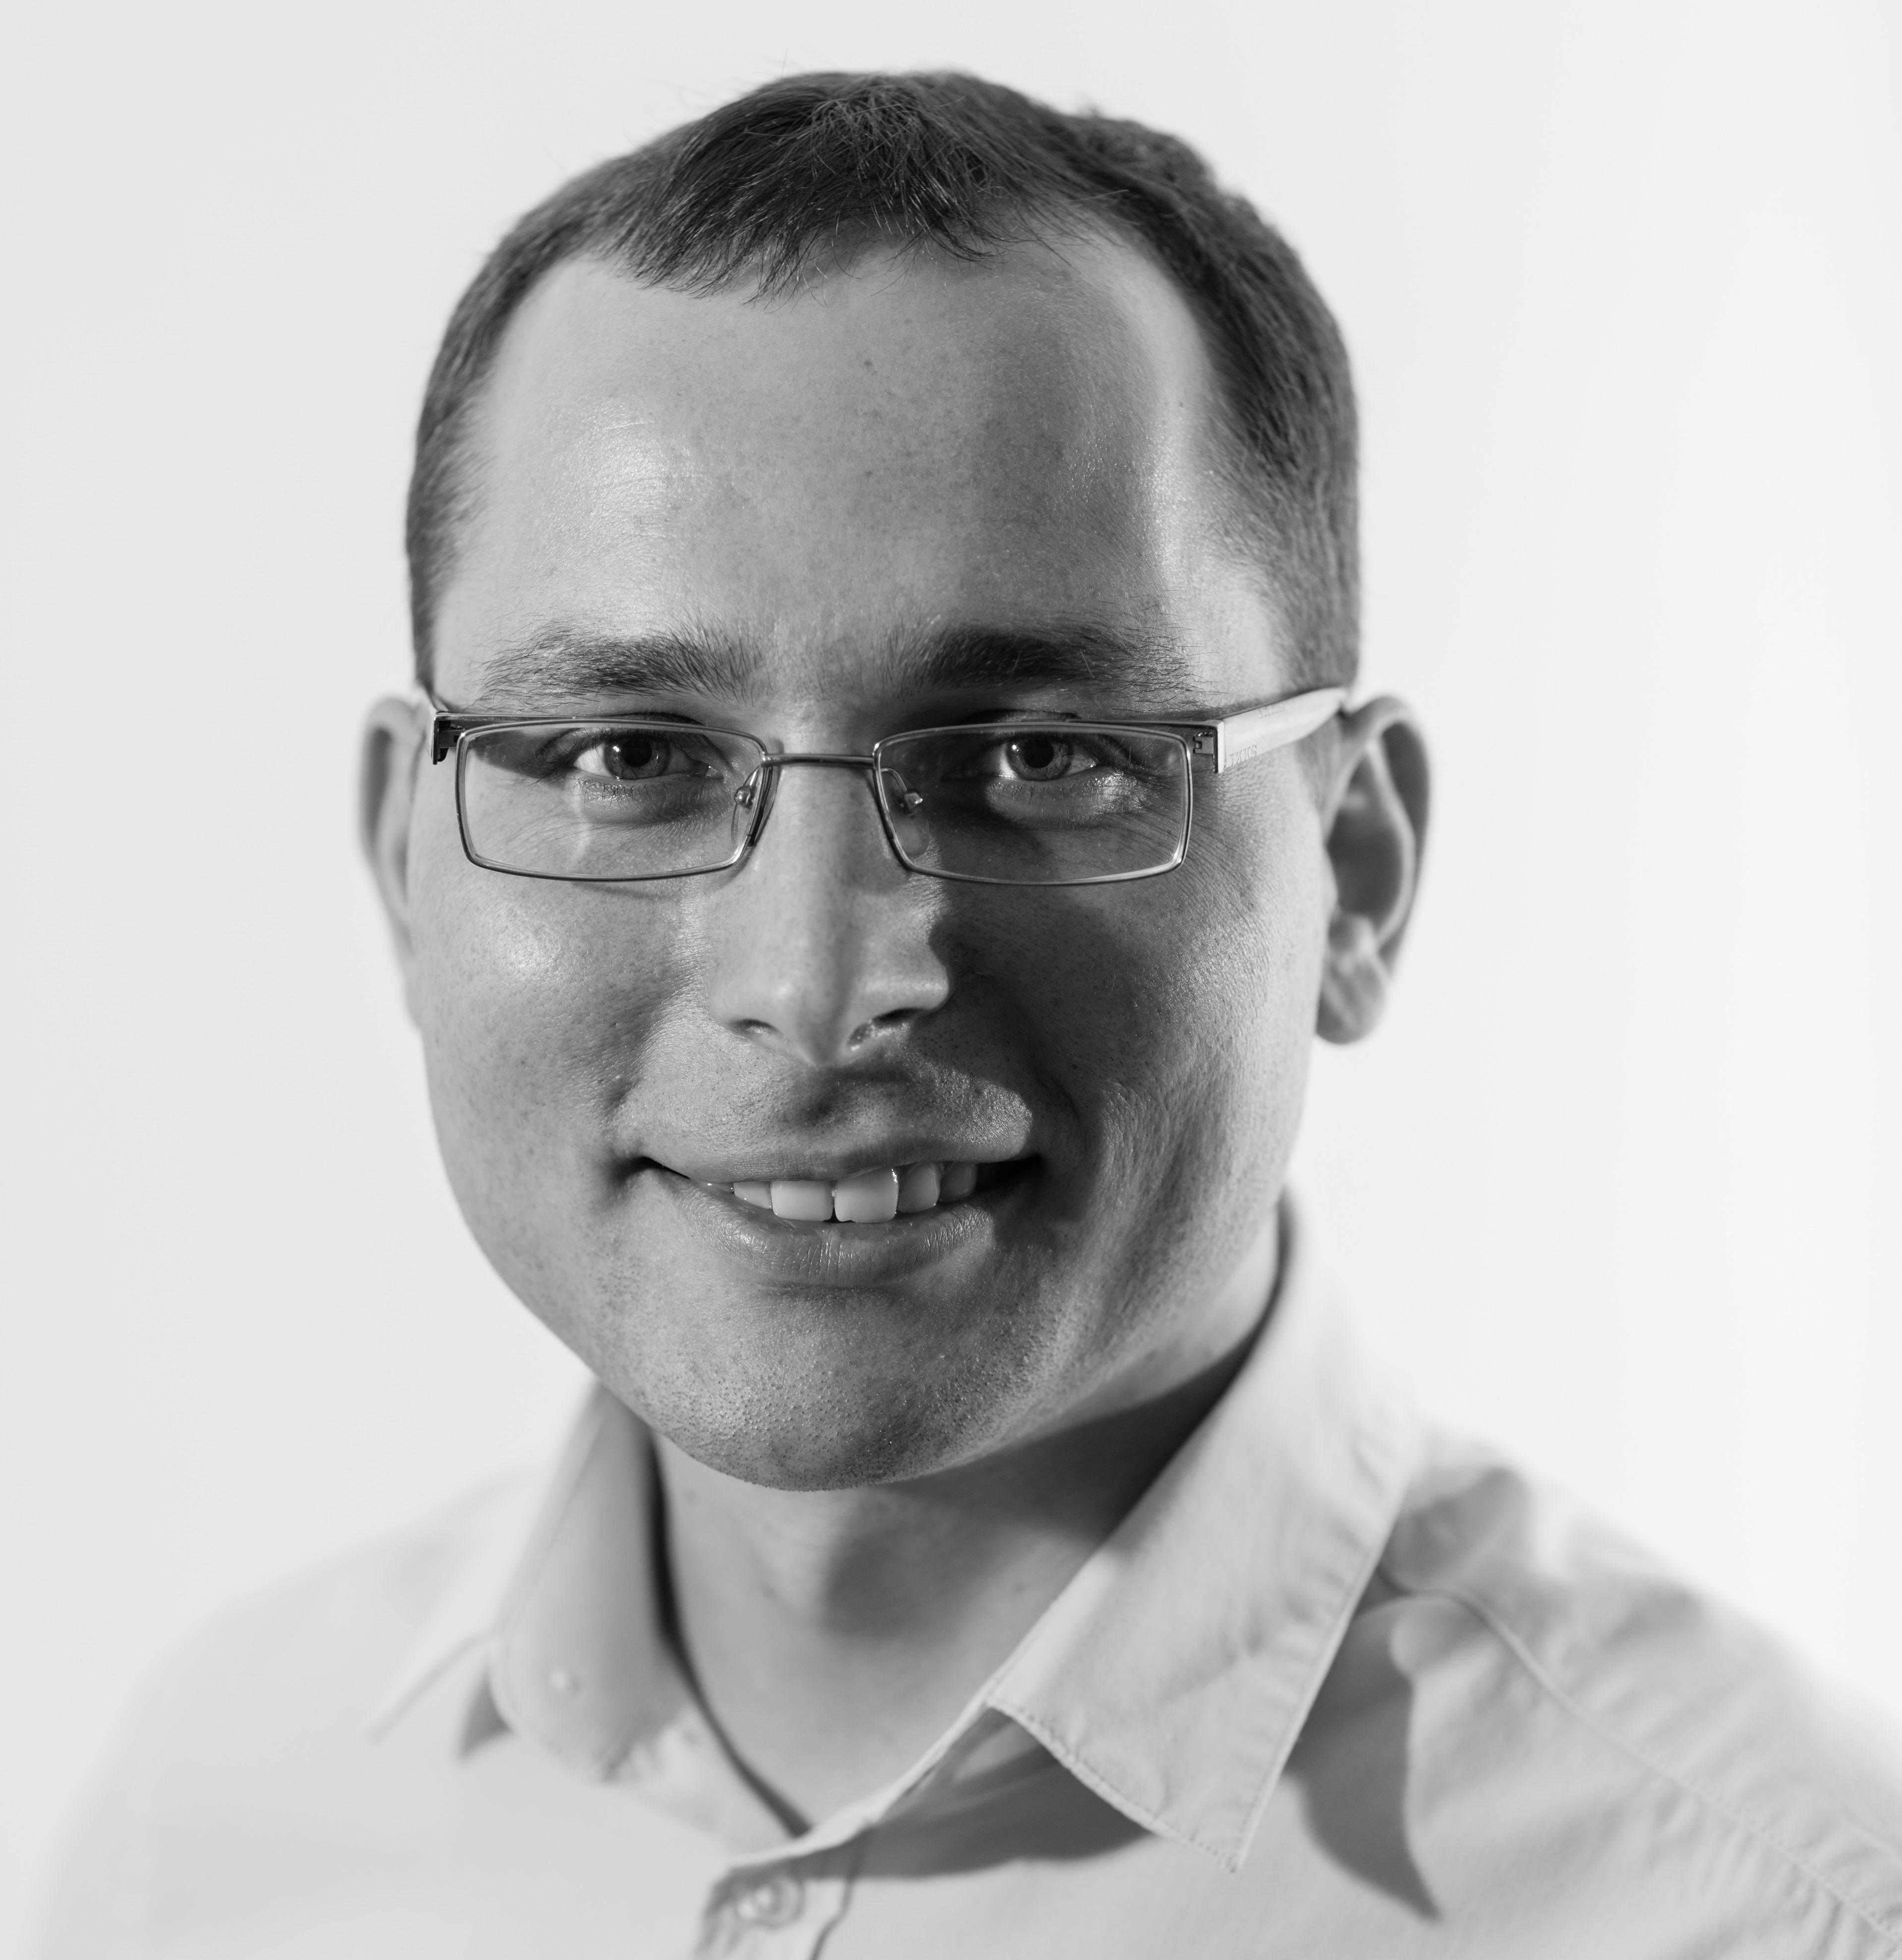 Radu Corlăteanu